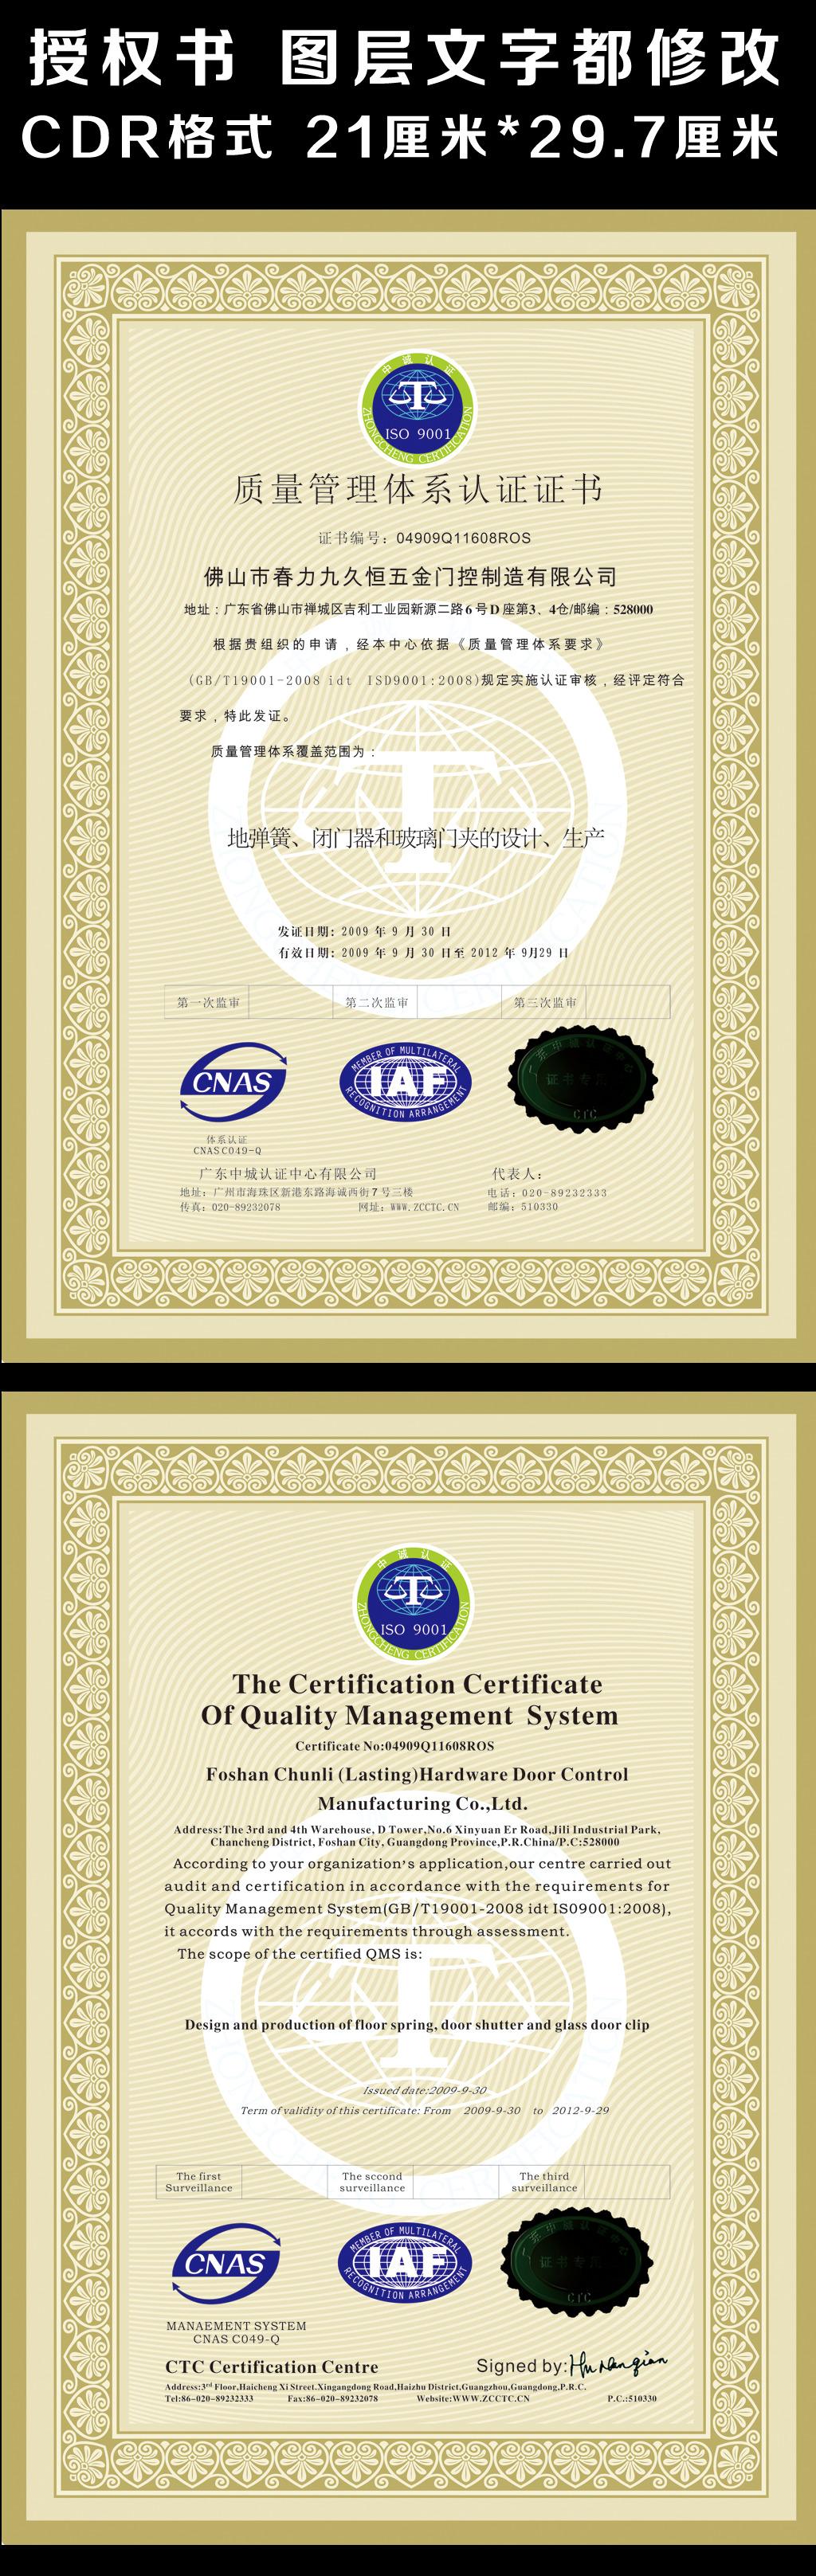 中英文版质量管理体系认证证书模板下载(图片编号:)